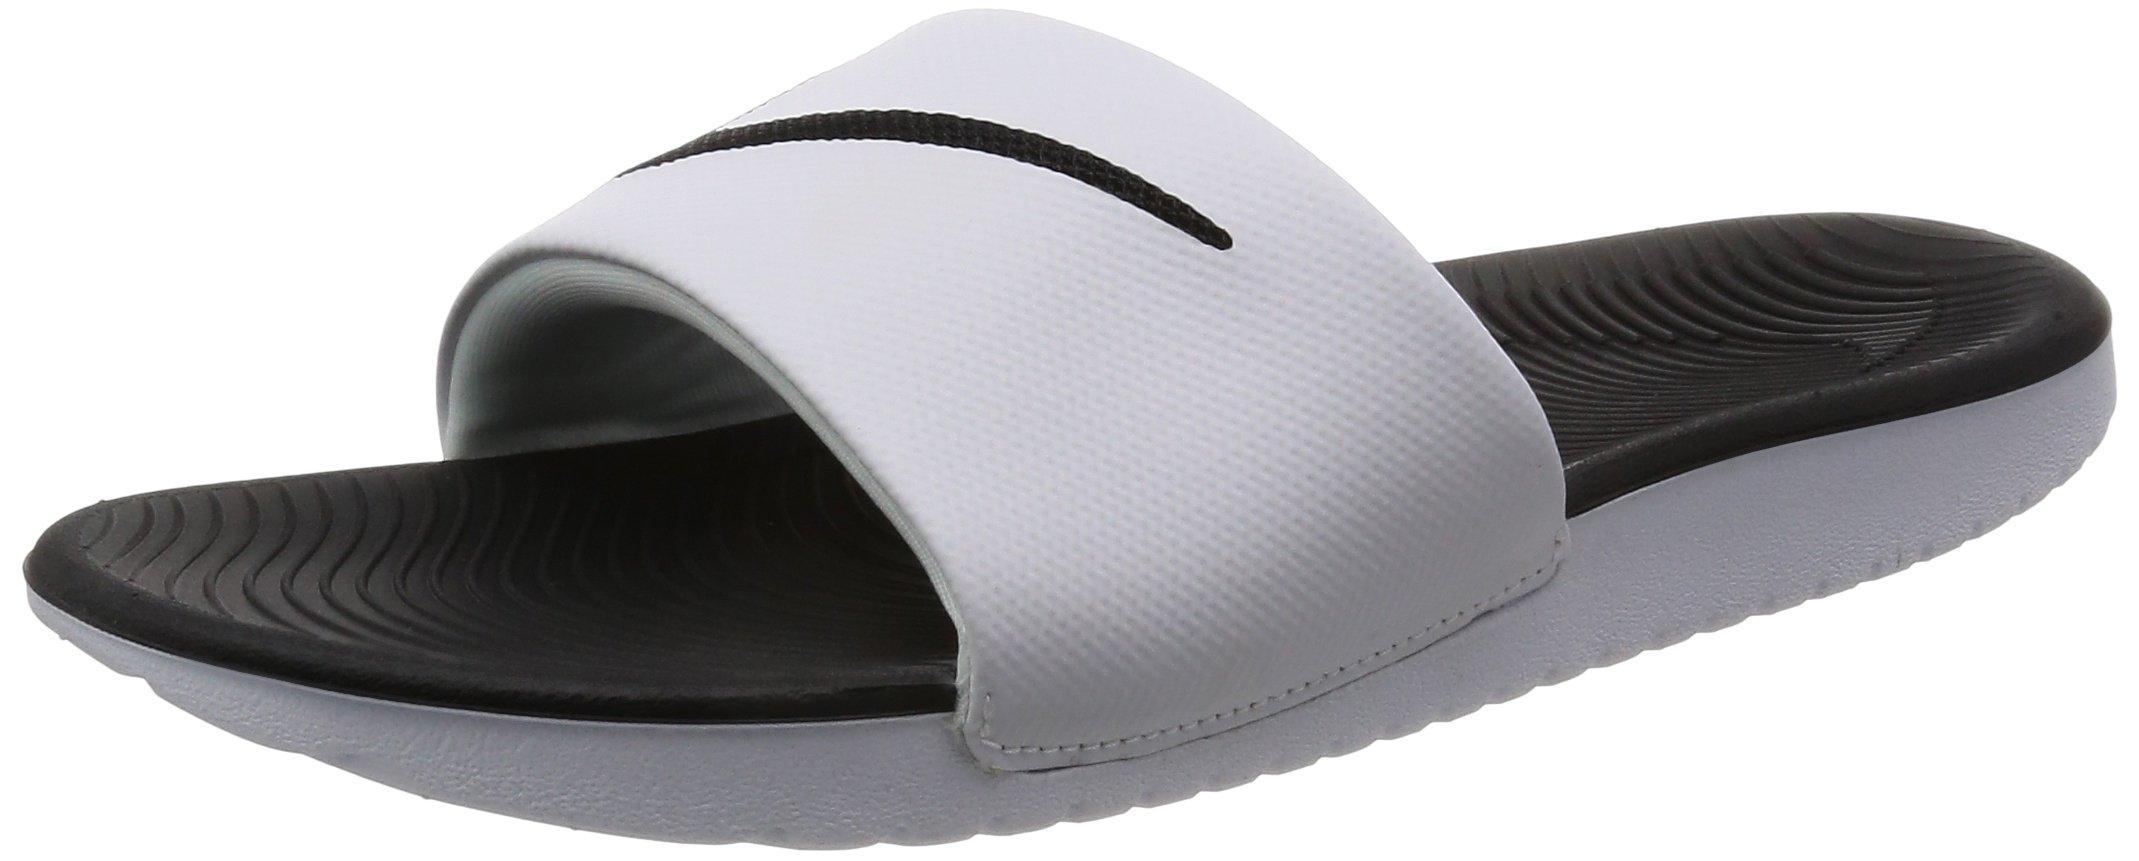 NIKE Boy's Kawa (GS/PS) Sandal, White/Black, 13 M US Little Kid